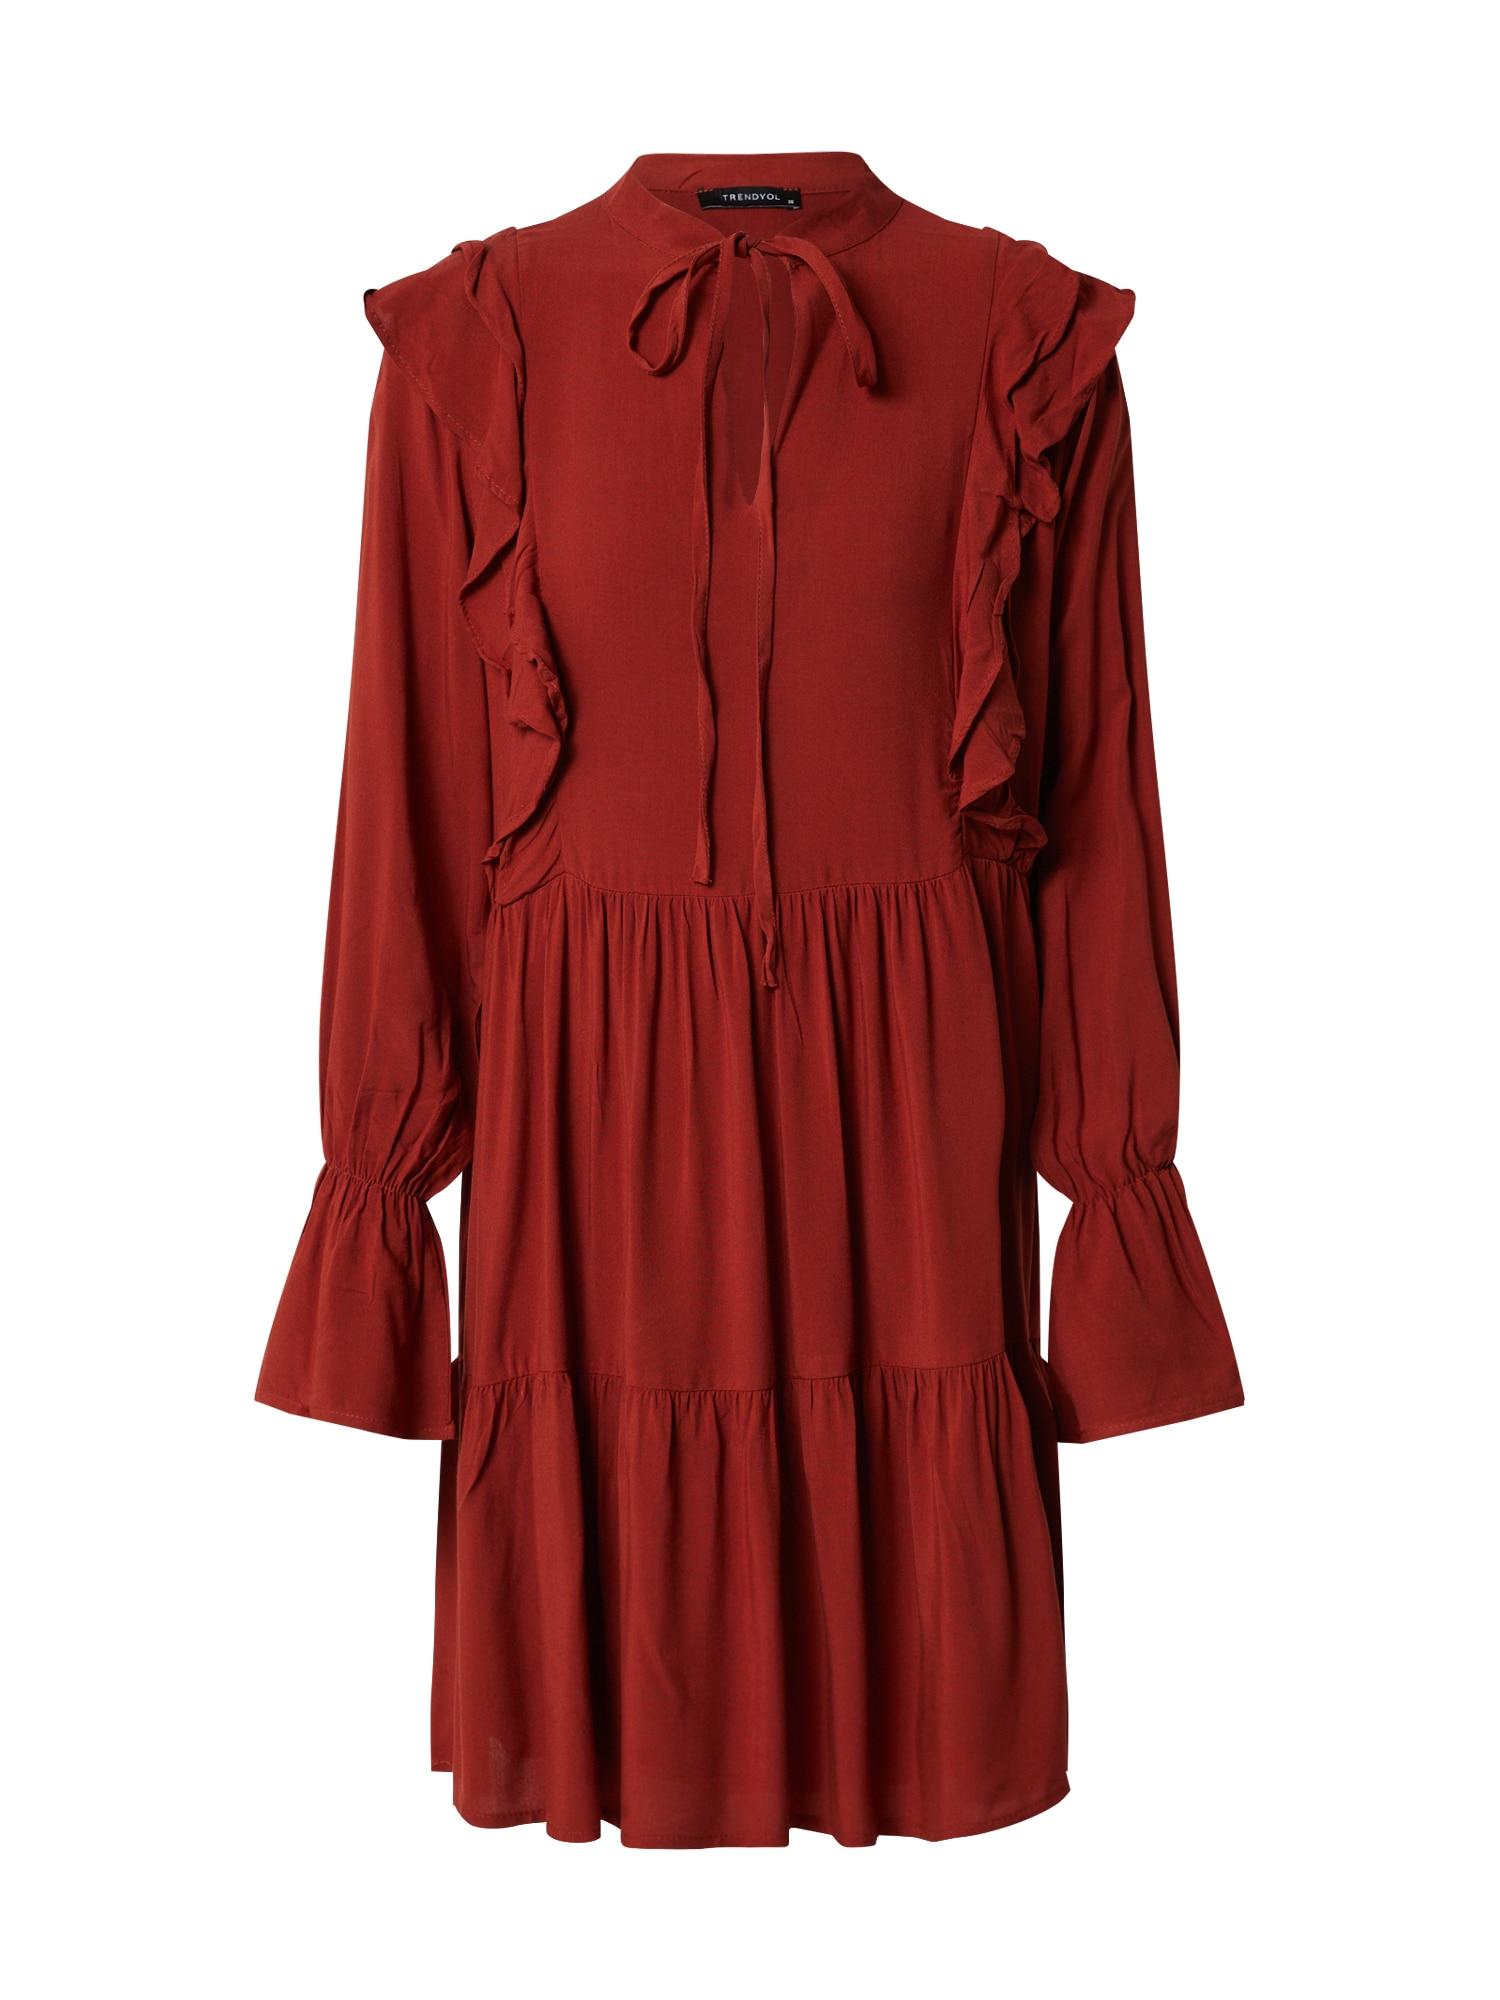 Trendyol Palaidinės tipo suknelė oranžinė-raudona